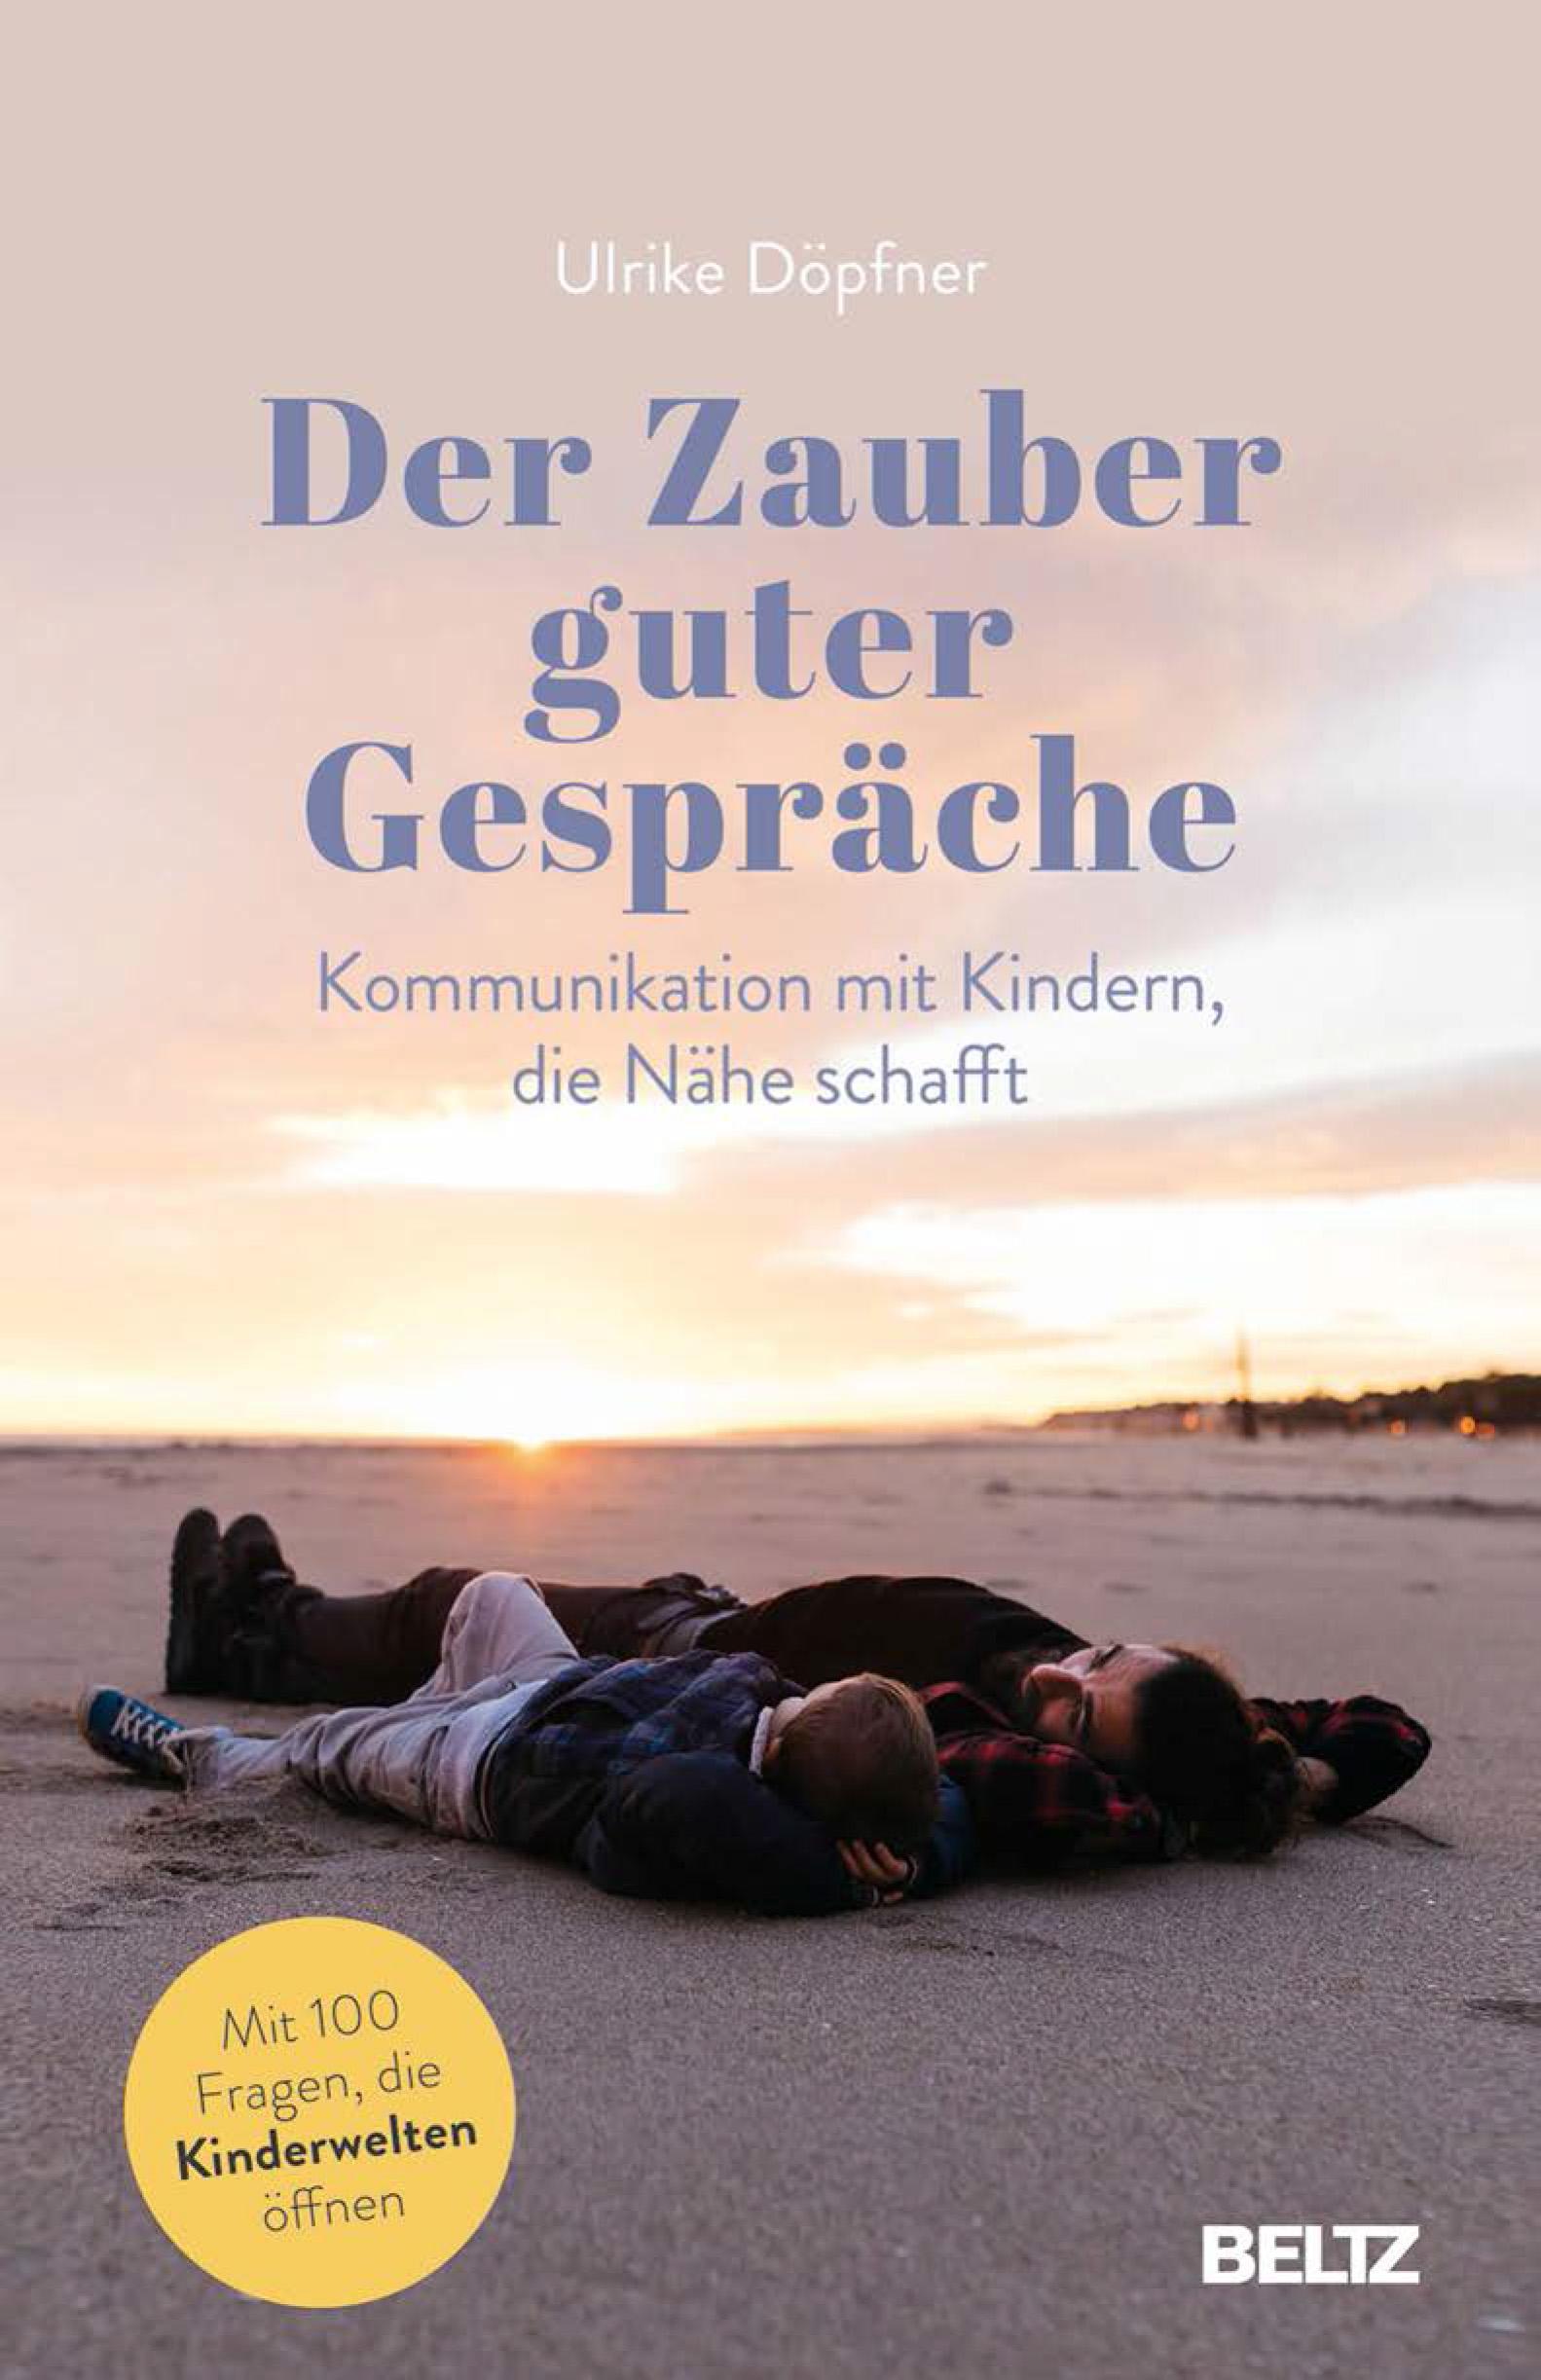 """Das Buch """"Der Zauber guter Gespräche"""" von Ulrike Döpfner ist im Beltz Verlag erschienen. Foto: Beltz"""